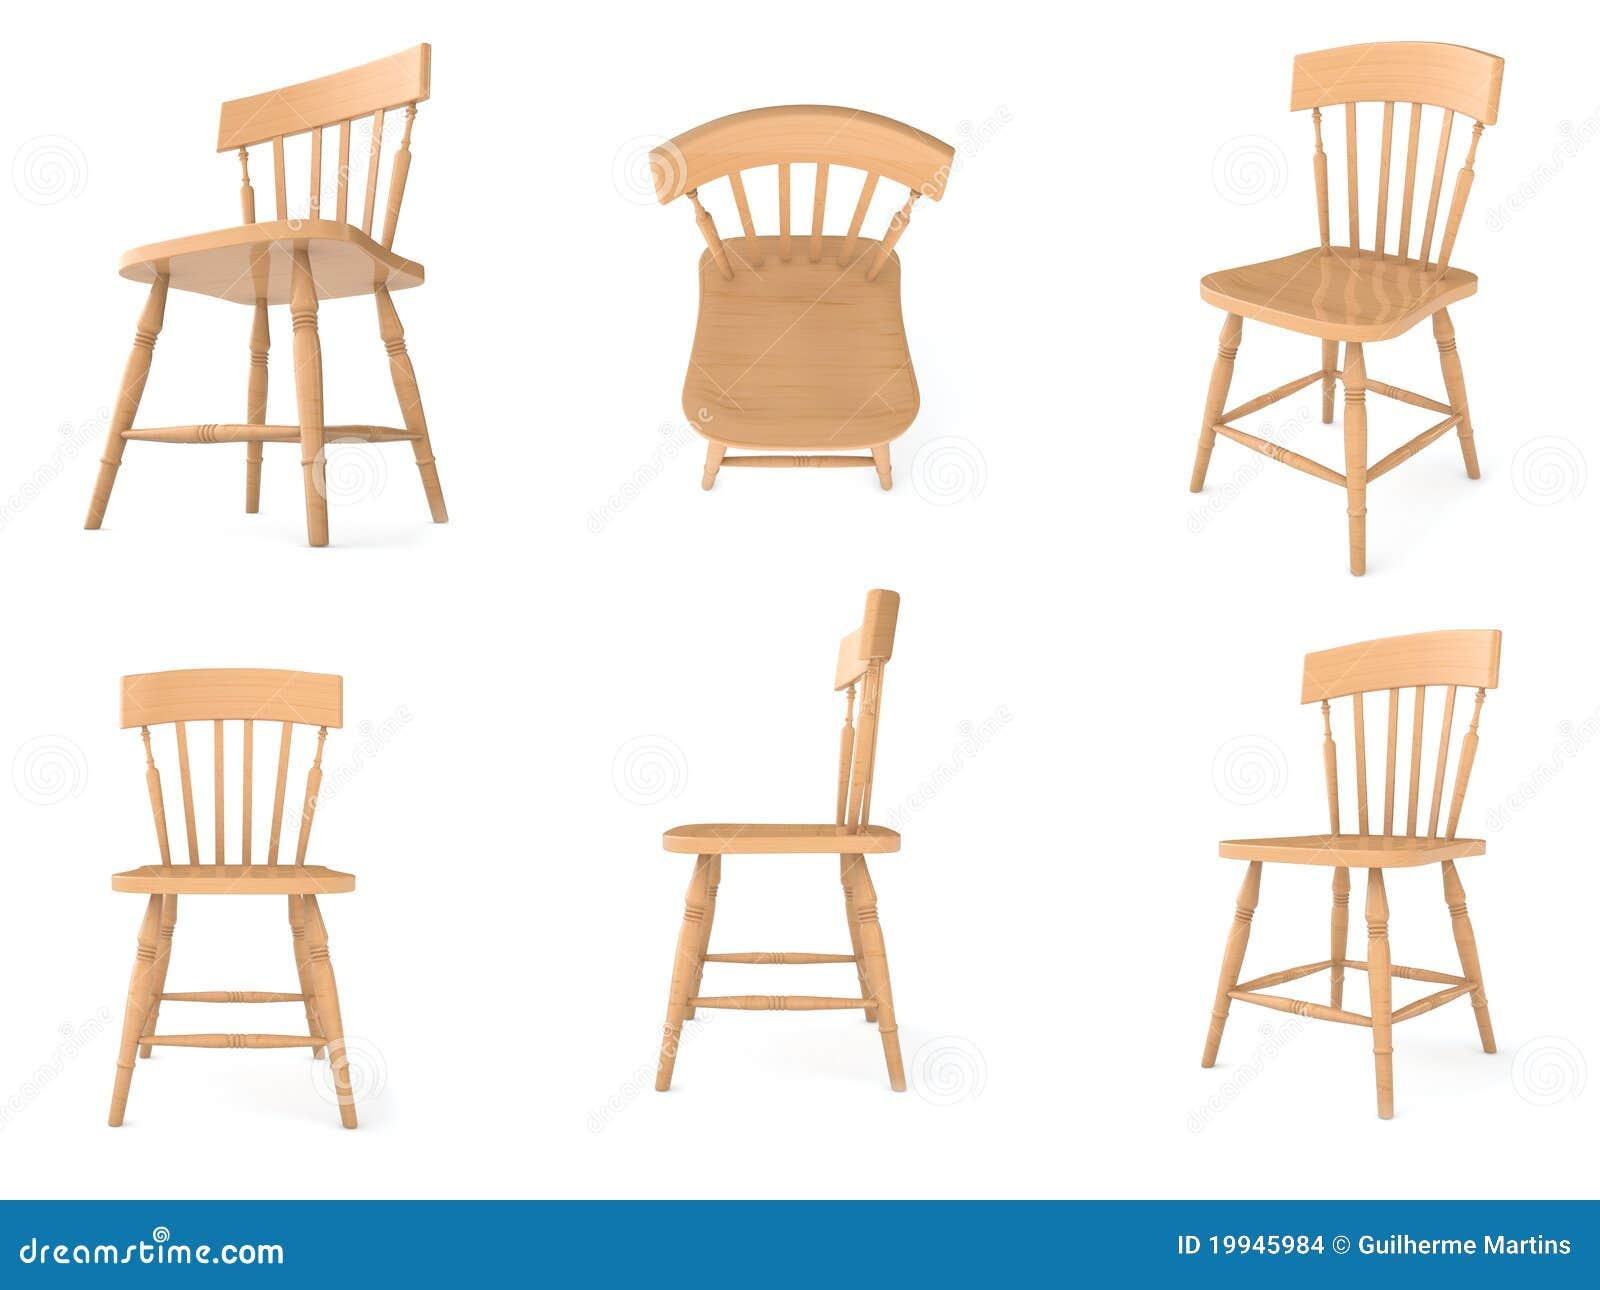 Sillas de madera en diversos ngulos stock de ilustraci n - Angulos de madera ...